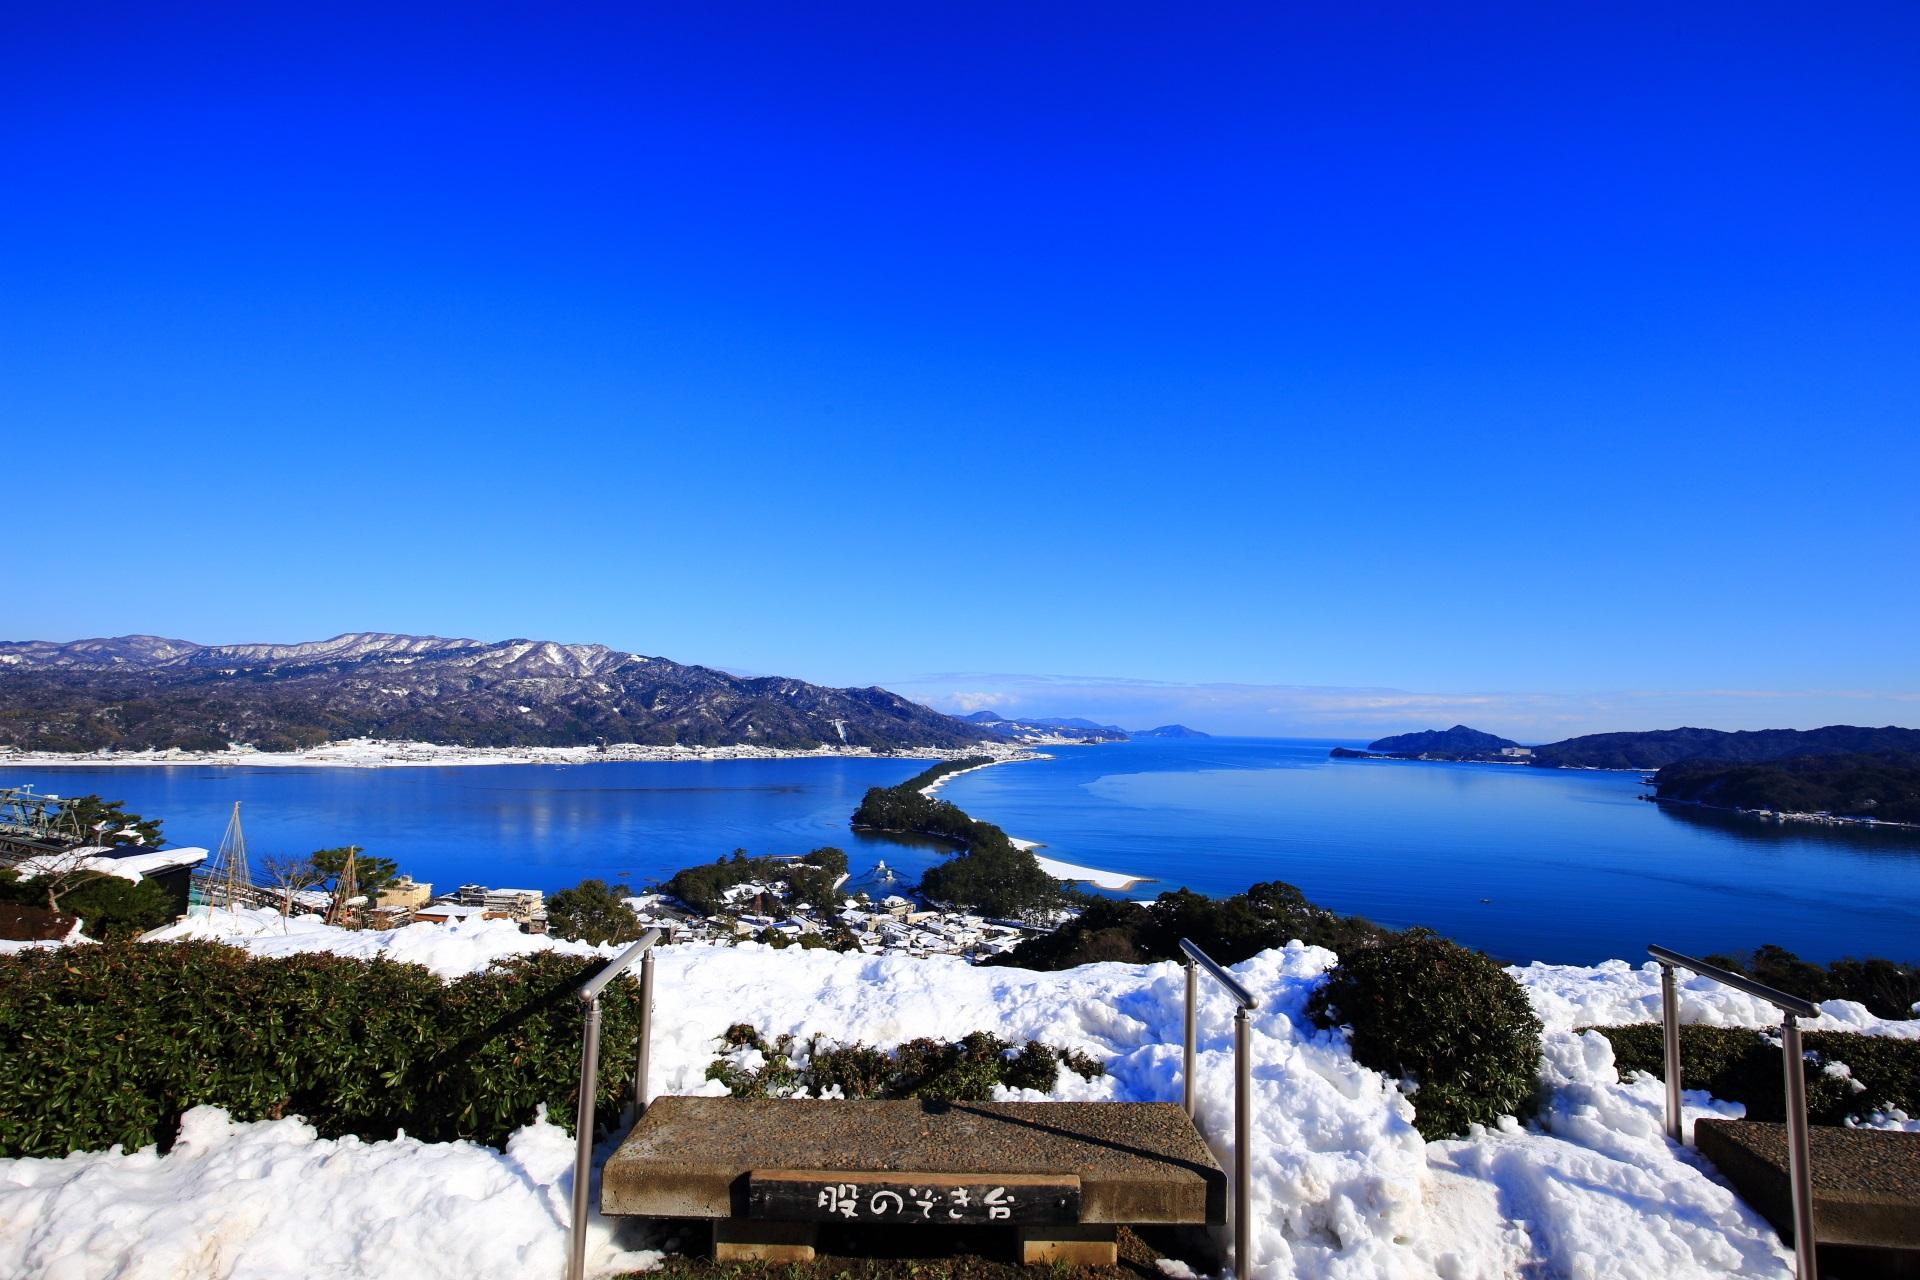 股のぞき台と見渡す限り見事な青空と青い海